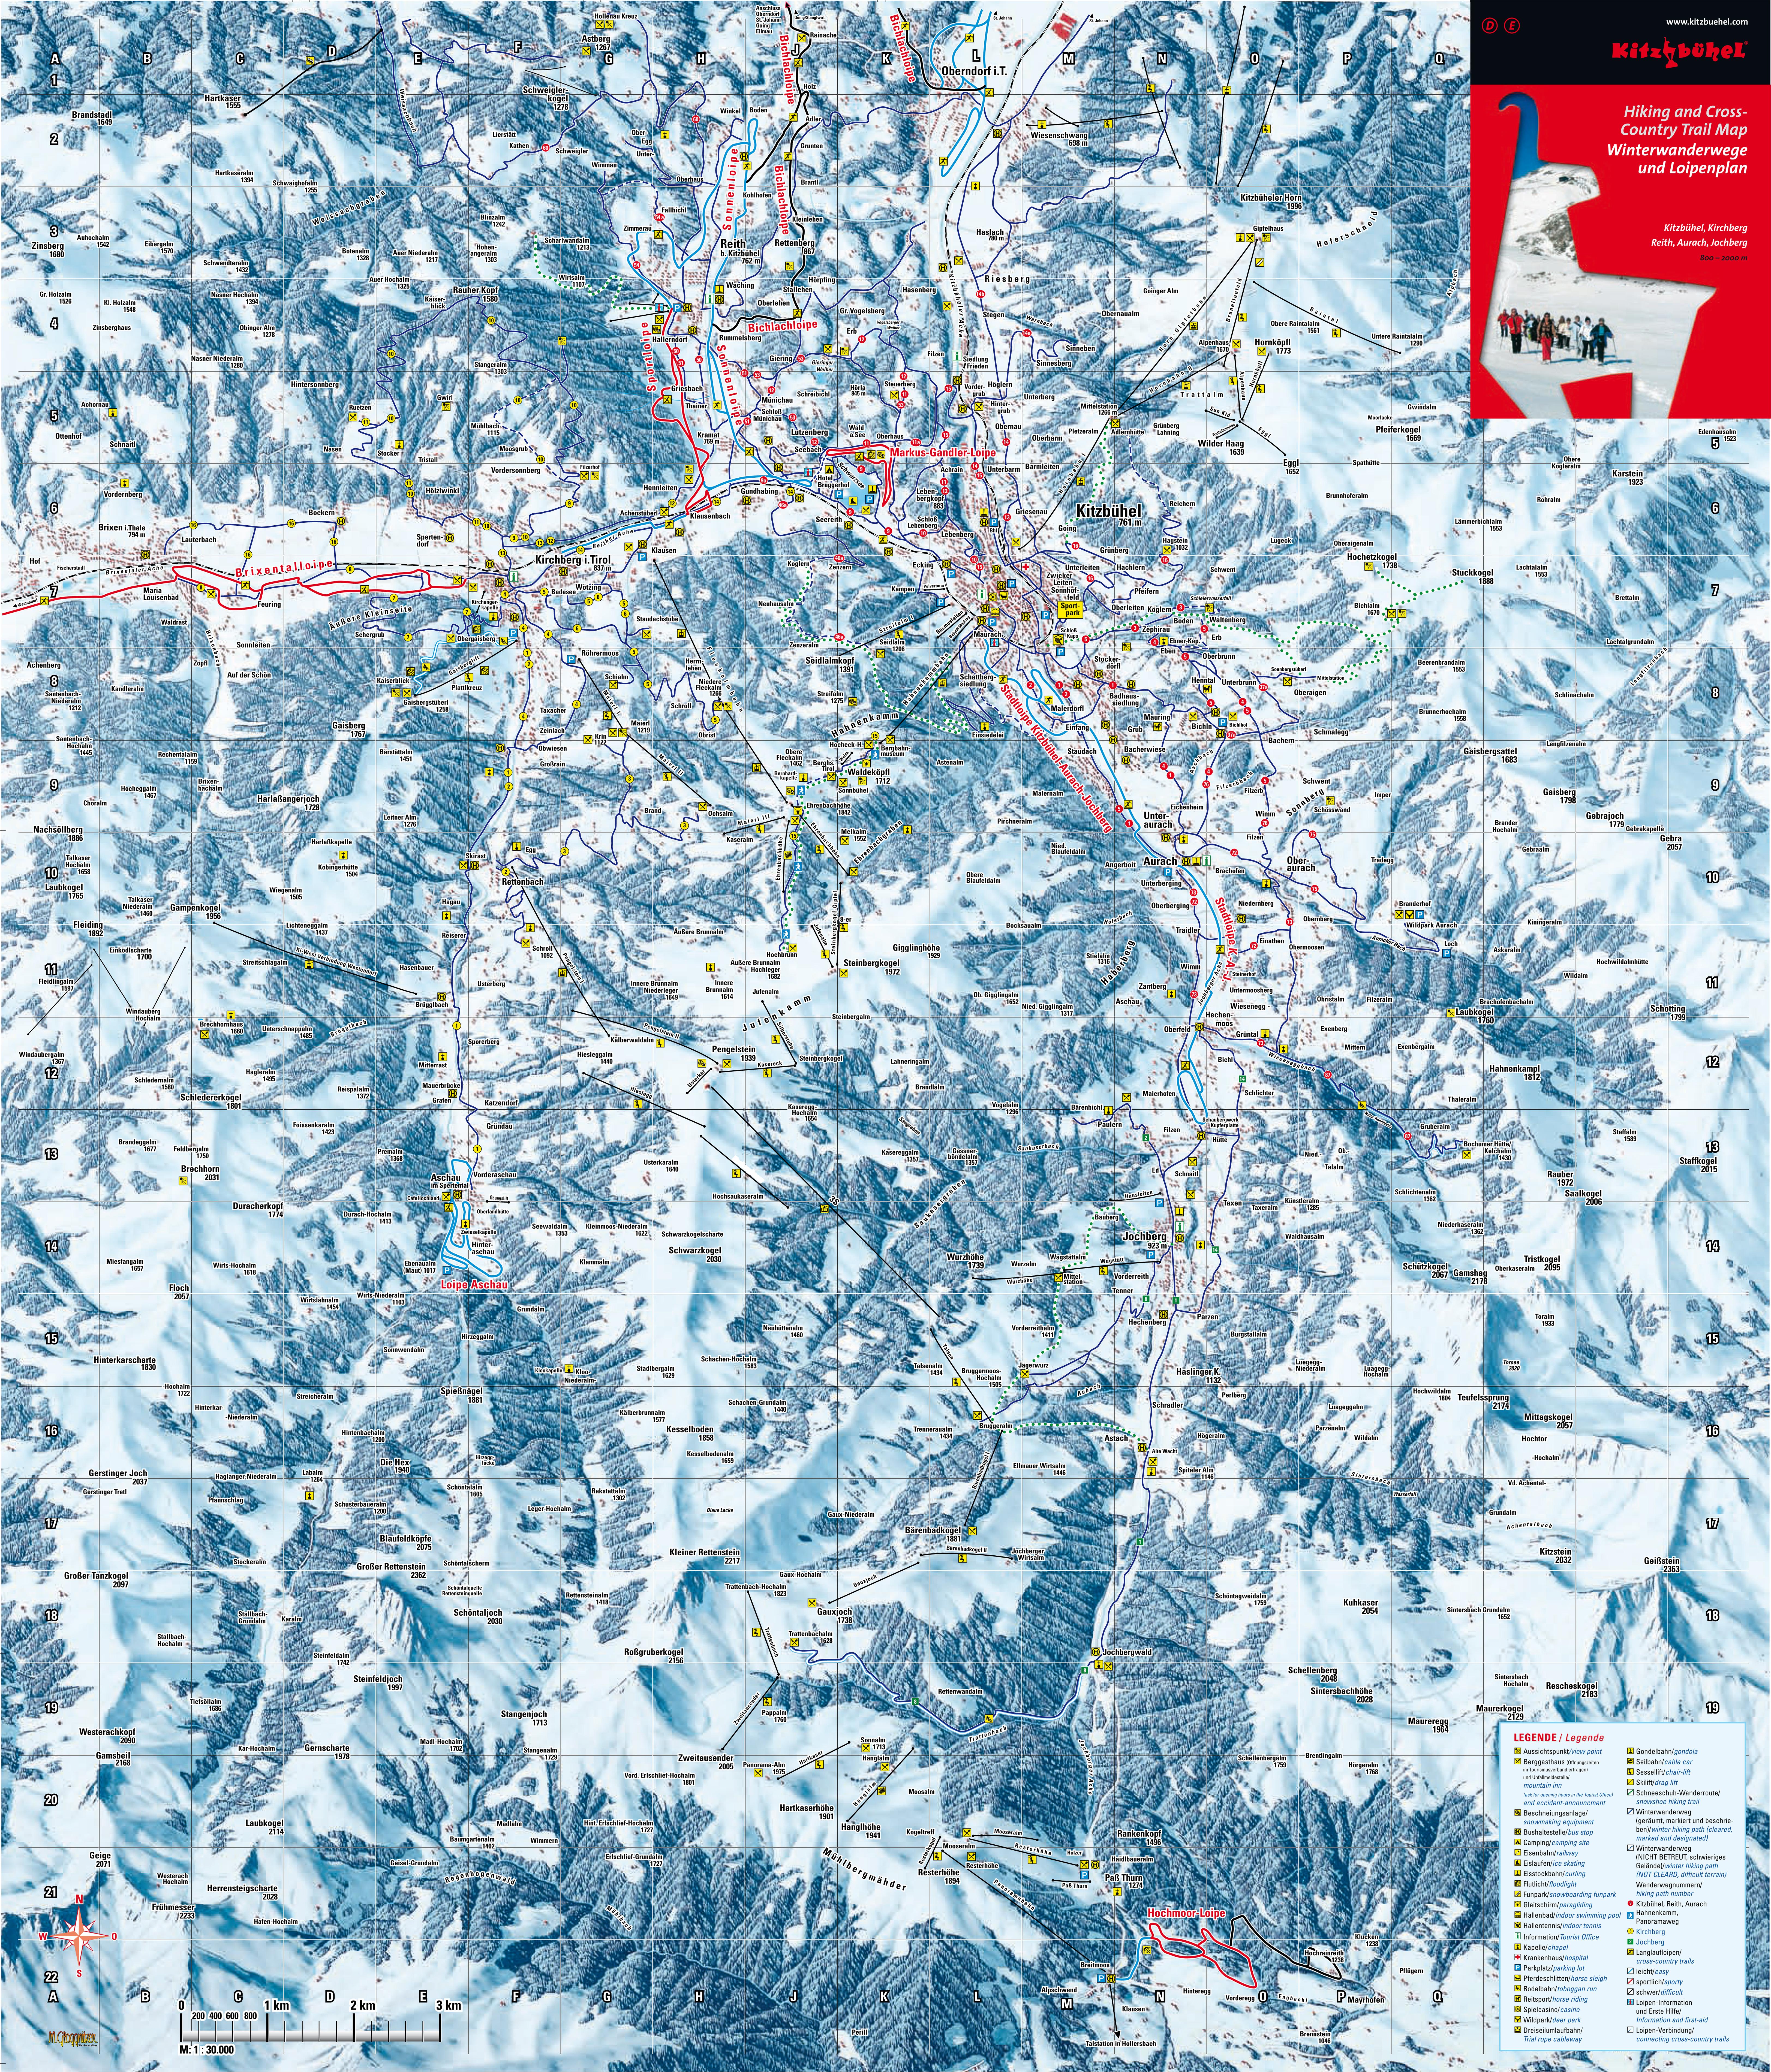 Large scale piste map of Kitzbuhel Ski Area - 2010 | Tyrol | Austria on brussels austria map, attersee austria map, otztal austria map, munich austria map, austria mountains map, arlberg austria map, berlin austria map, igls austria map, innsbruck austria map, wien austria map, altmunster austria map, budapest austria map, mondsee austria map, linz austria map, mayrhofen austria map, mariazell austria map, gosau austria map, eisenstadt austria map, salzburg austria map, zurich austria map,